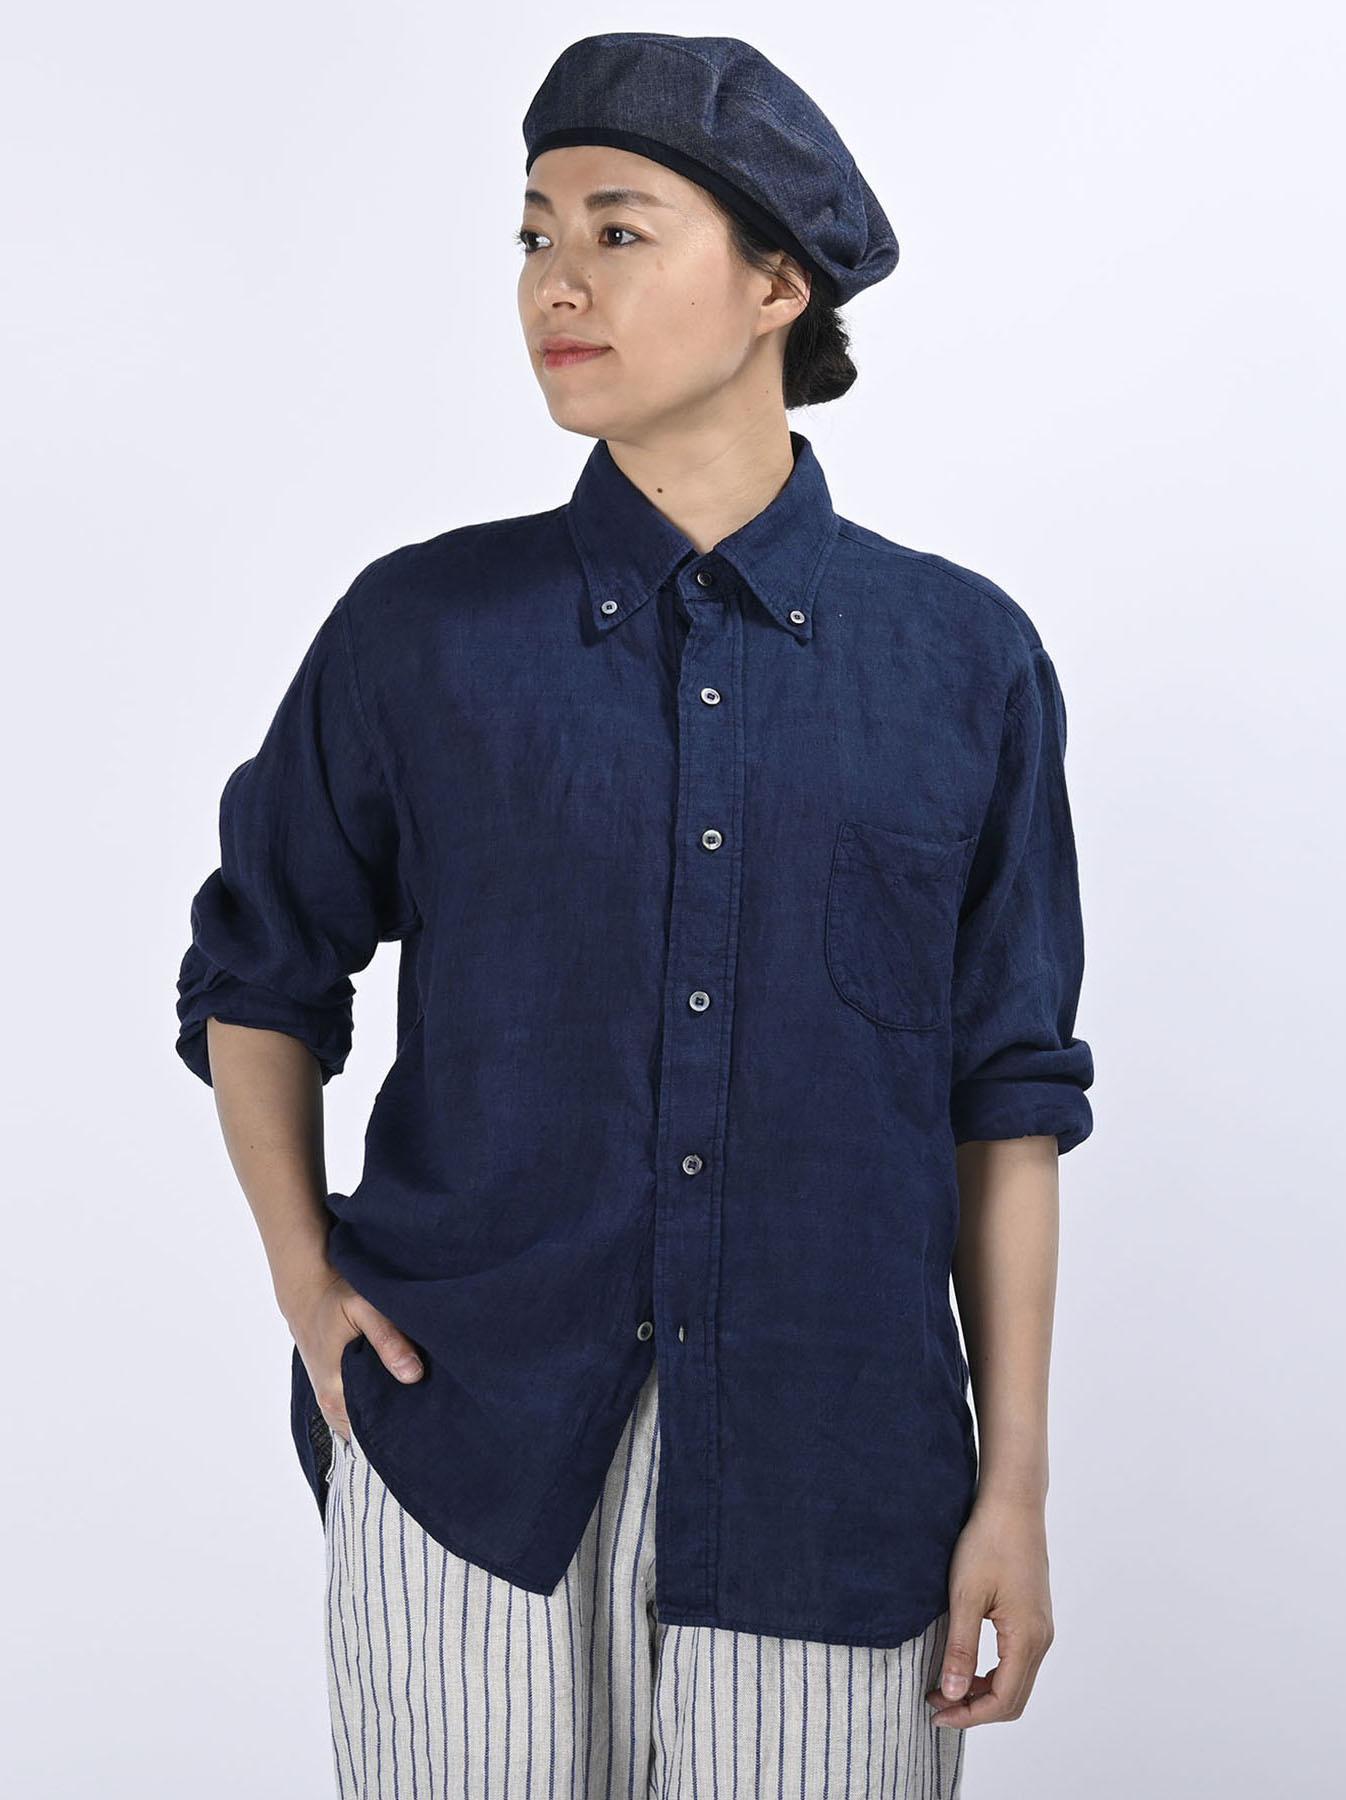 Indigo Indian Linen Flat 908 Ocean Shirt (0521)-3